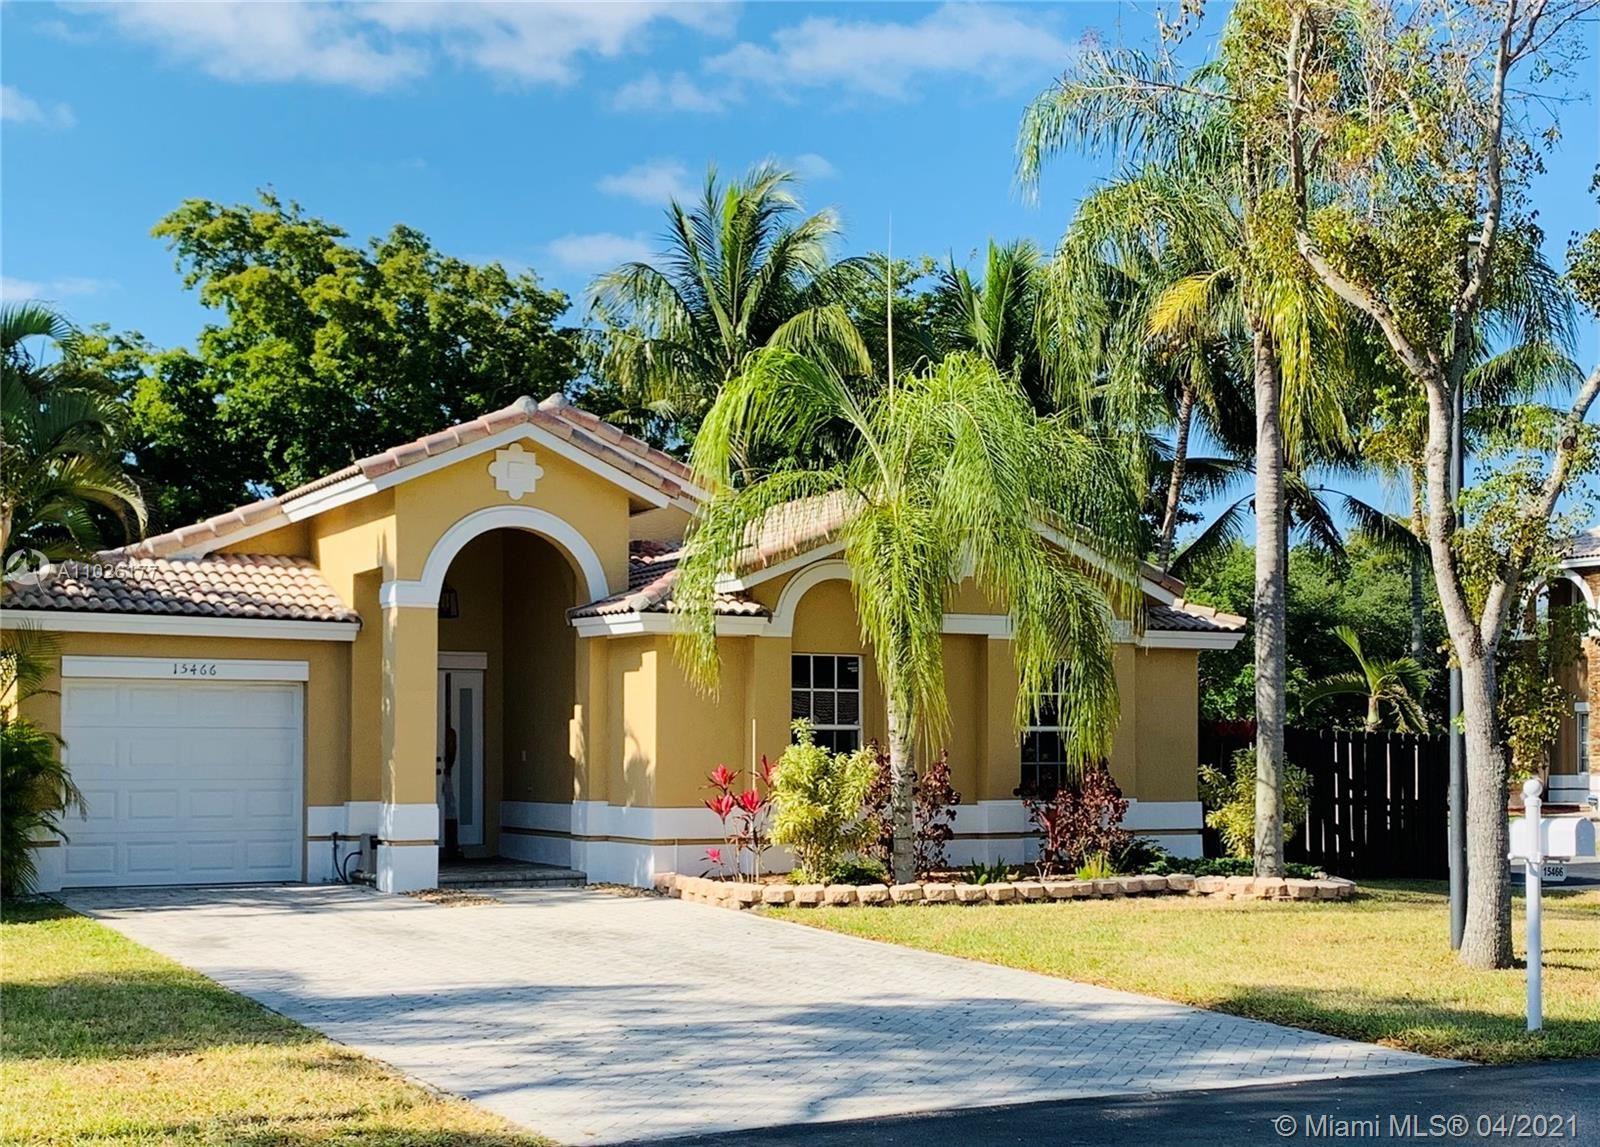 15466 SW 143rd Ter, Miami, FL 33196 - #: A11026177